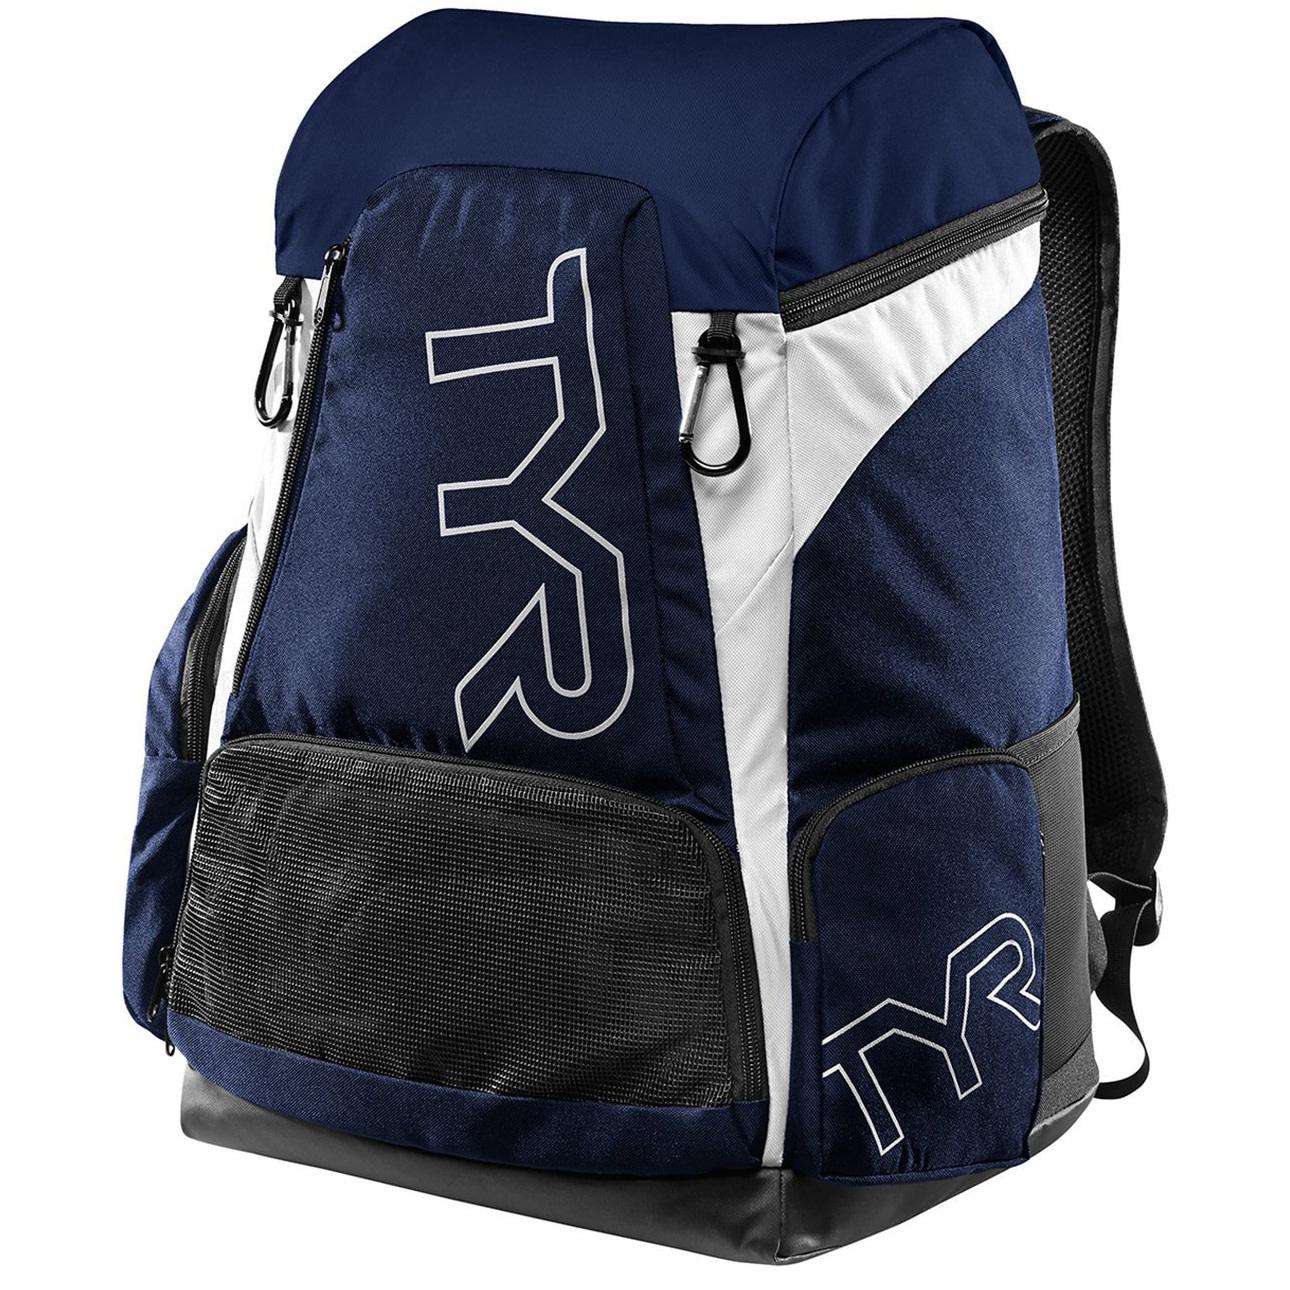 Hereford SC Back Pack 45 Ltr